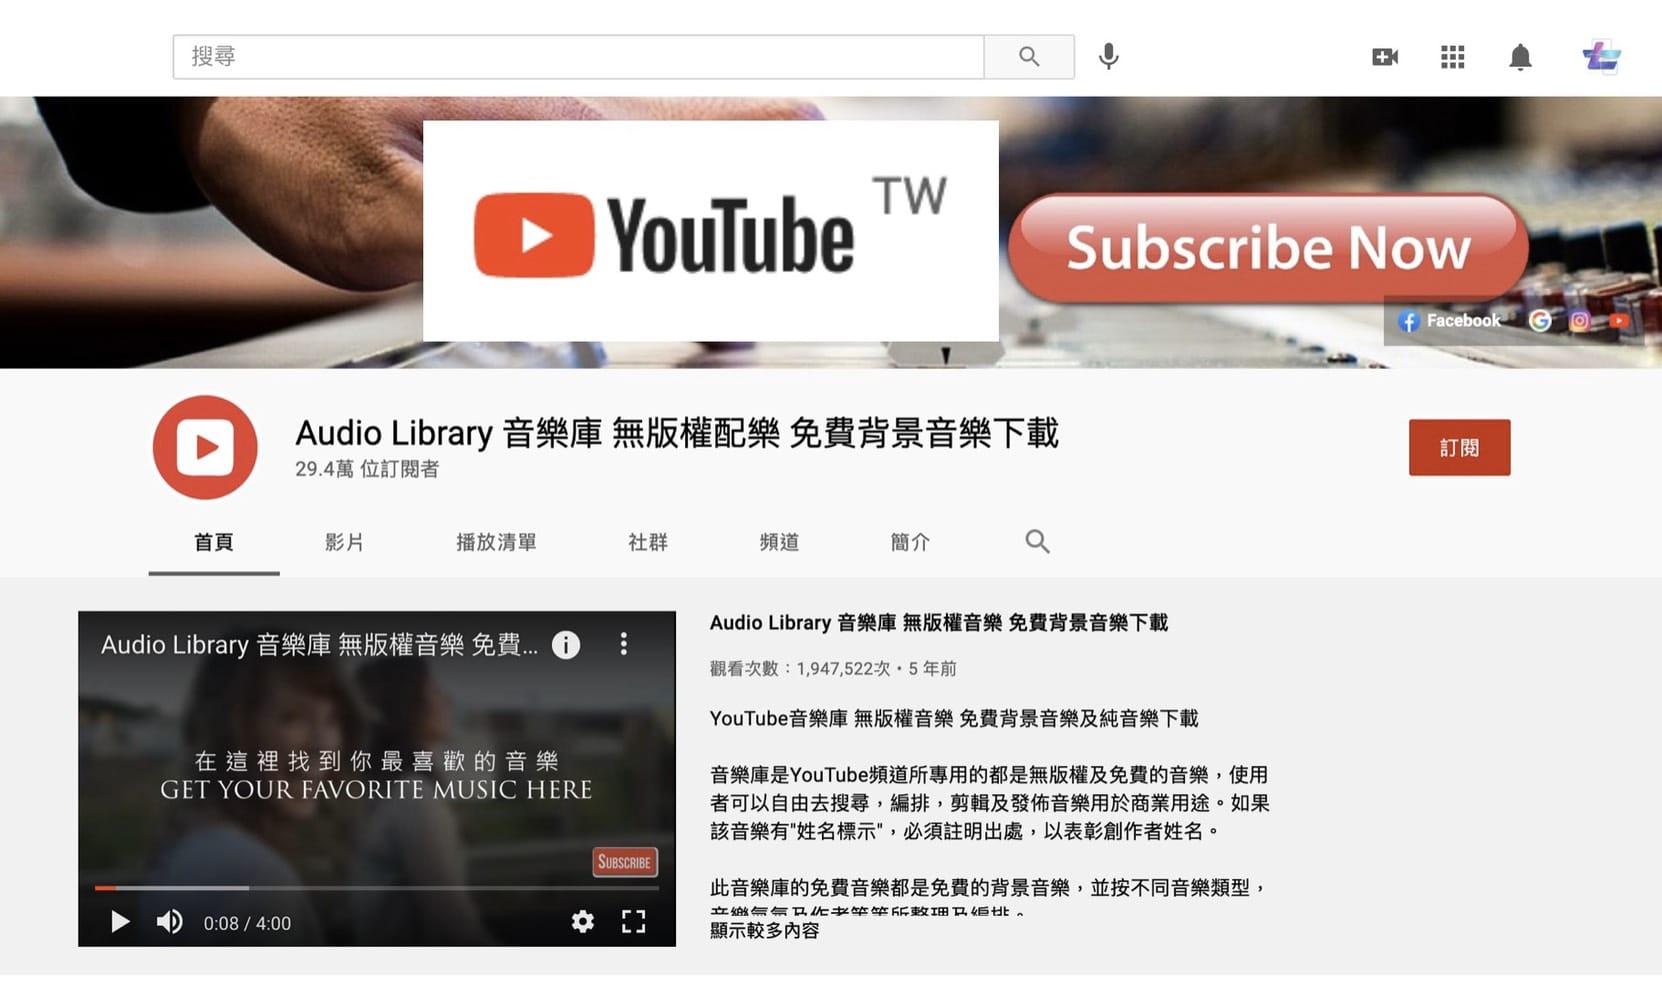 YouTube免費音樂